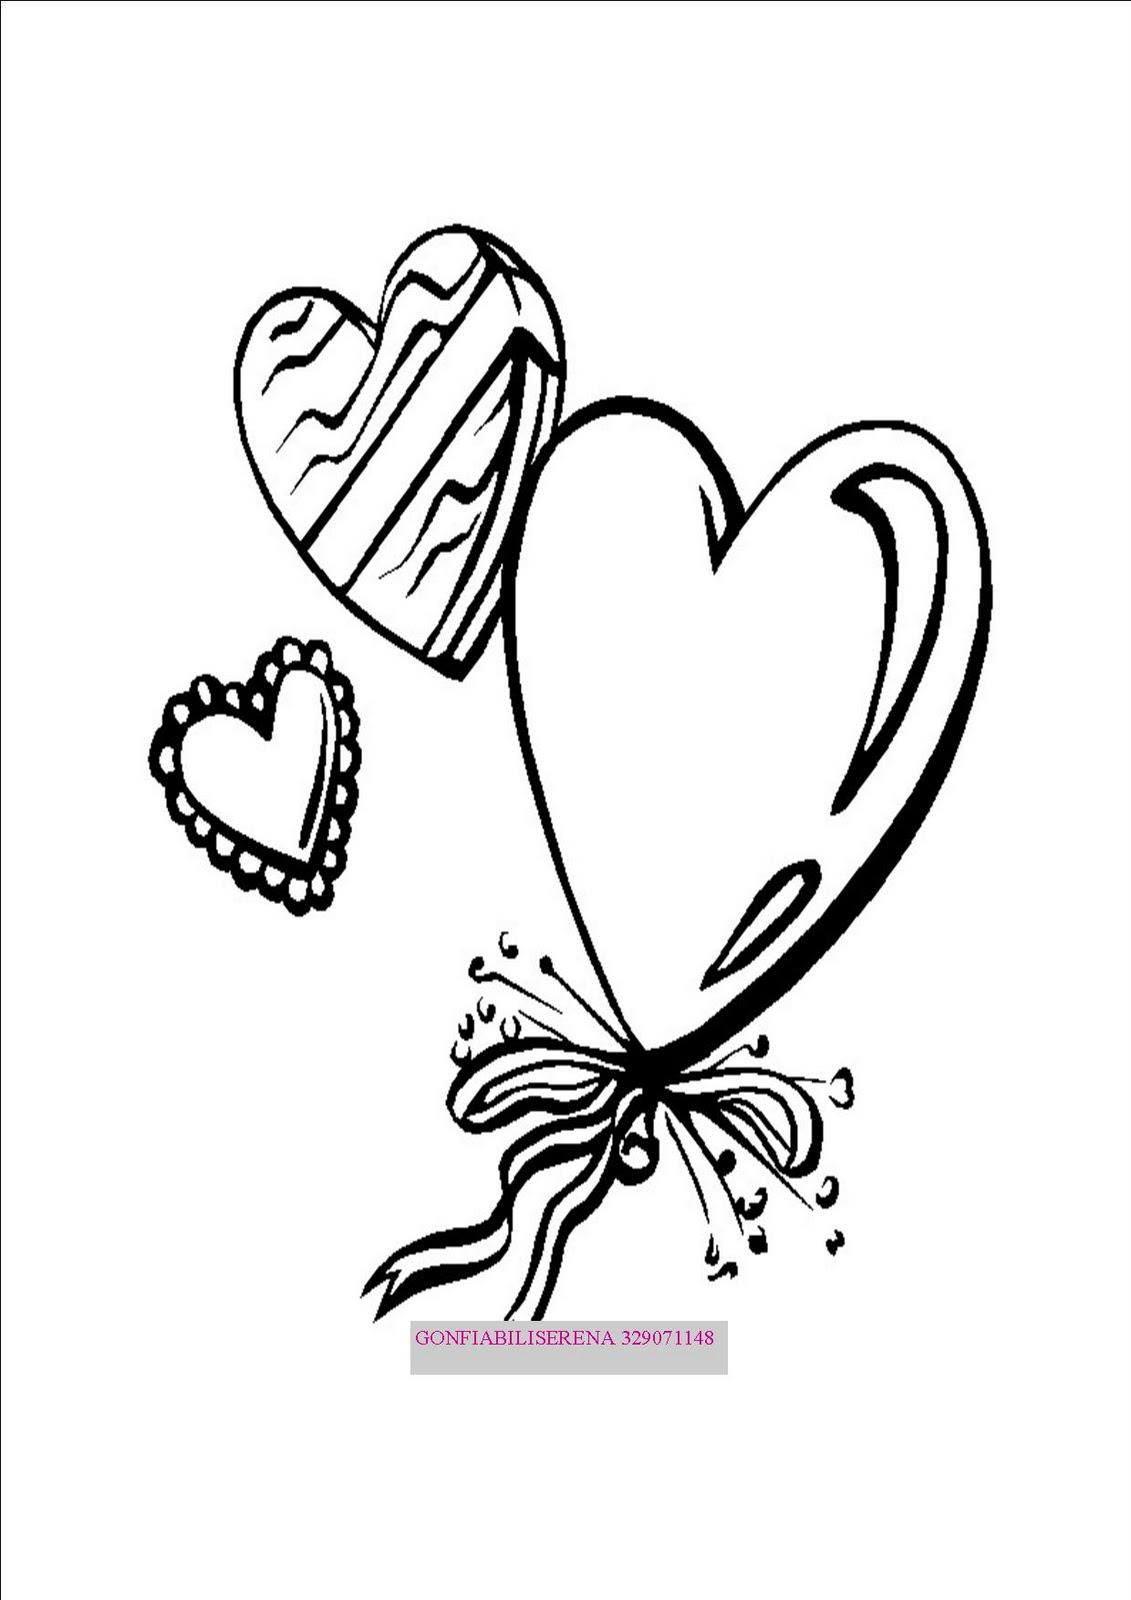 Gonfiabiliserena disegni gratis da colorare per san valentino for Disegni inazuma eleven da stampare